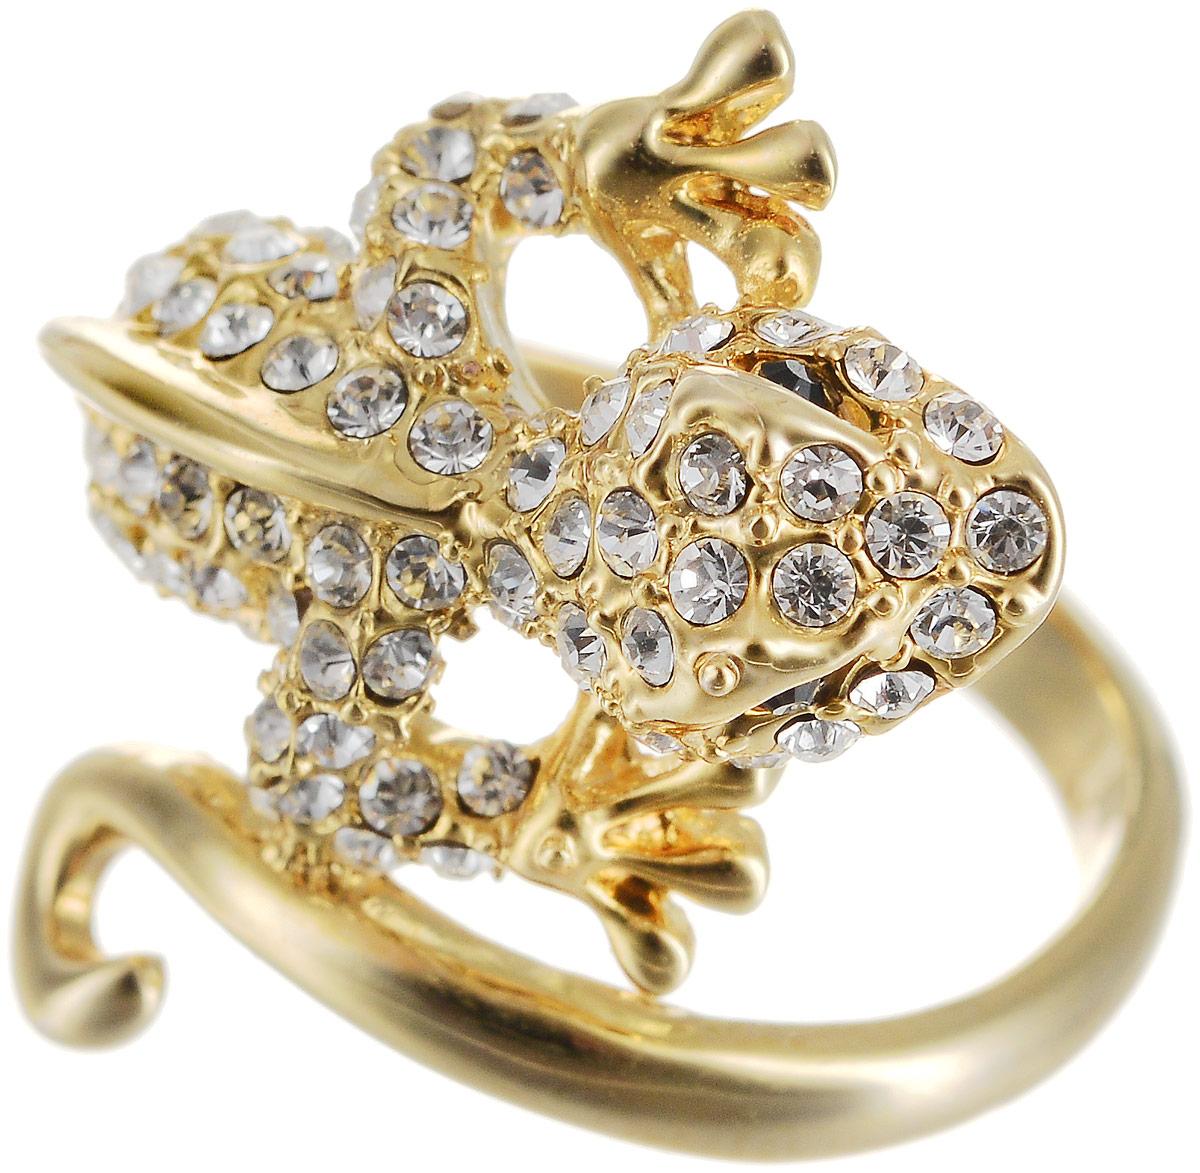 Кольцо Art-Silver, цвет: золотой. КЦ1310-550. Размер 18КЦ1310-550Оригинальное кольцо Art-Silver выполнено из бижутерного сплава с гальваническим покрытием. Кольцо в виде ящерицы украшено декоративными вставками. Элегантное кольцо Art-Silver превосходно дополнит ваш образ и подчеркнет отменное чувство стиля своей обладательницы.